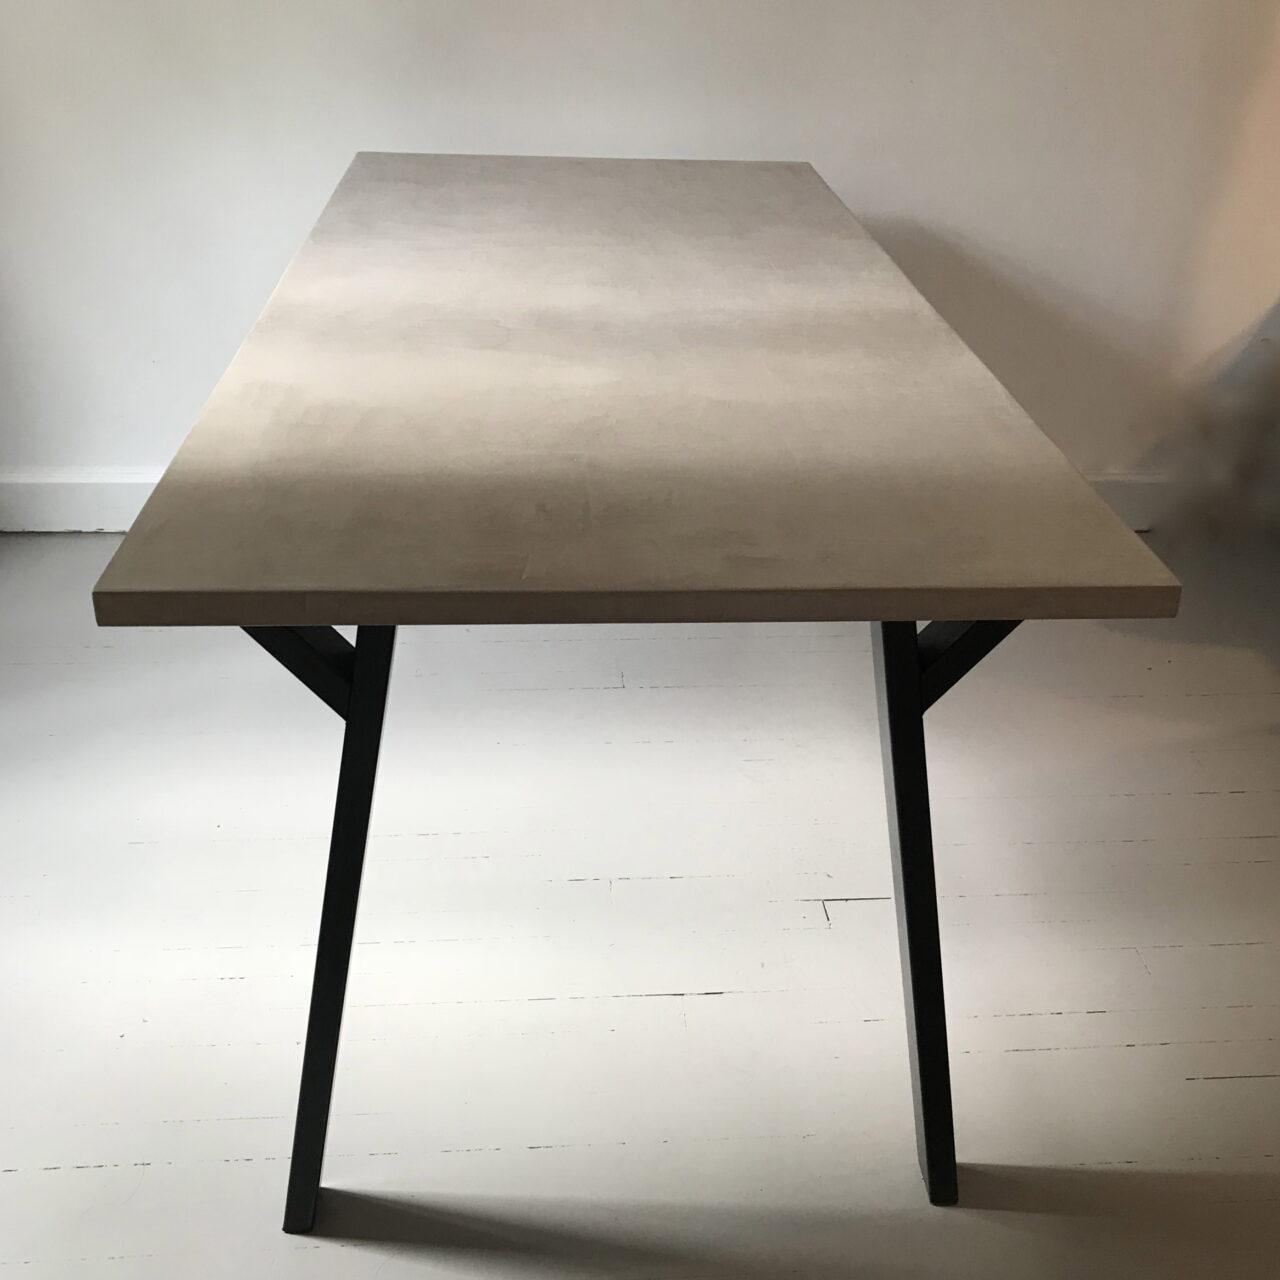 Table en béton sur mesure - Meubles industriel   Anna Colore ...